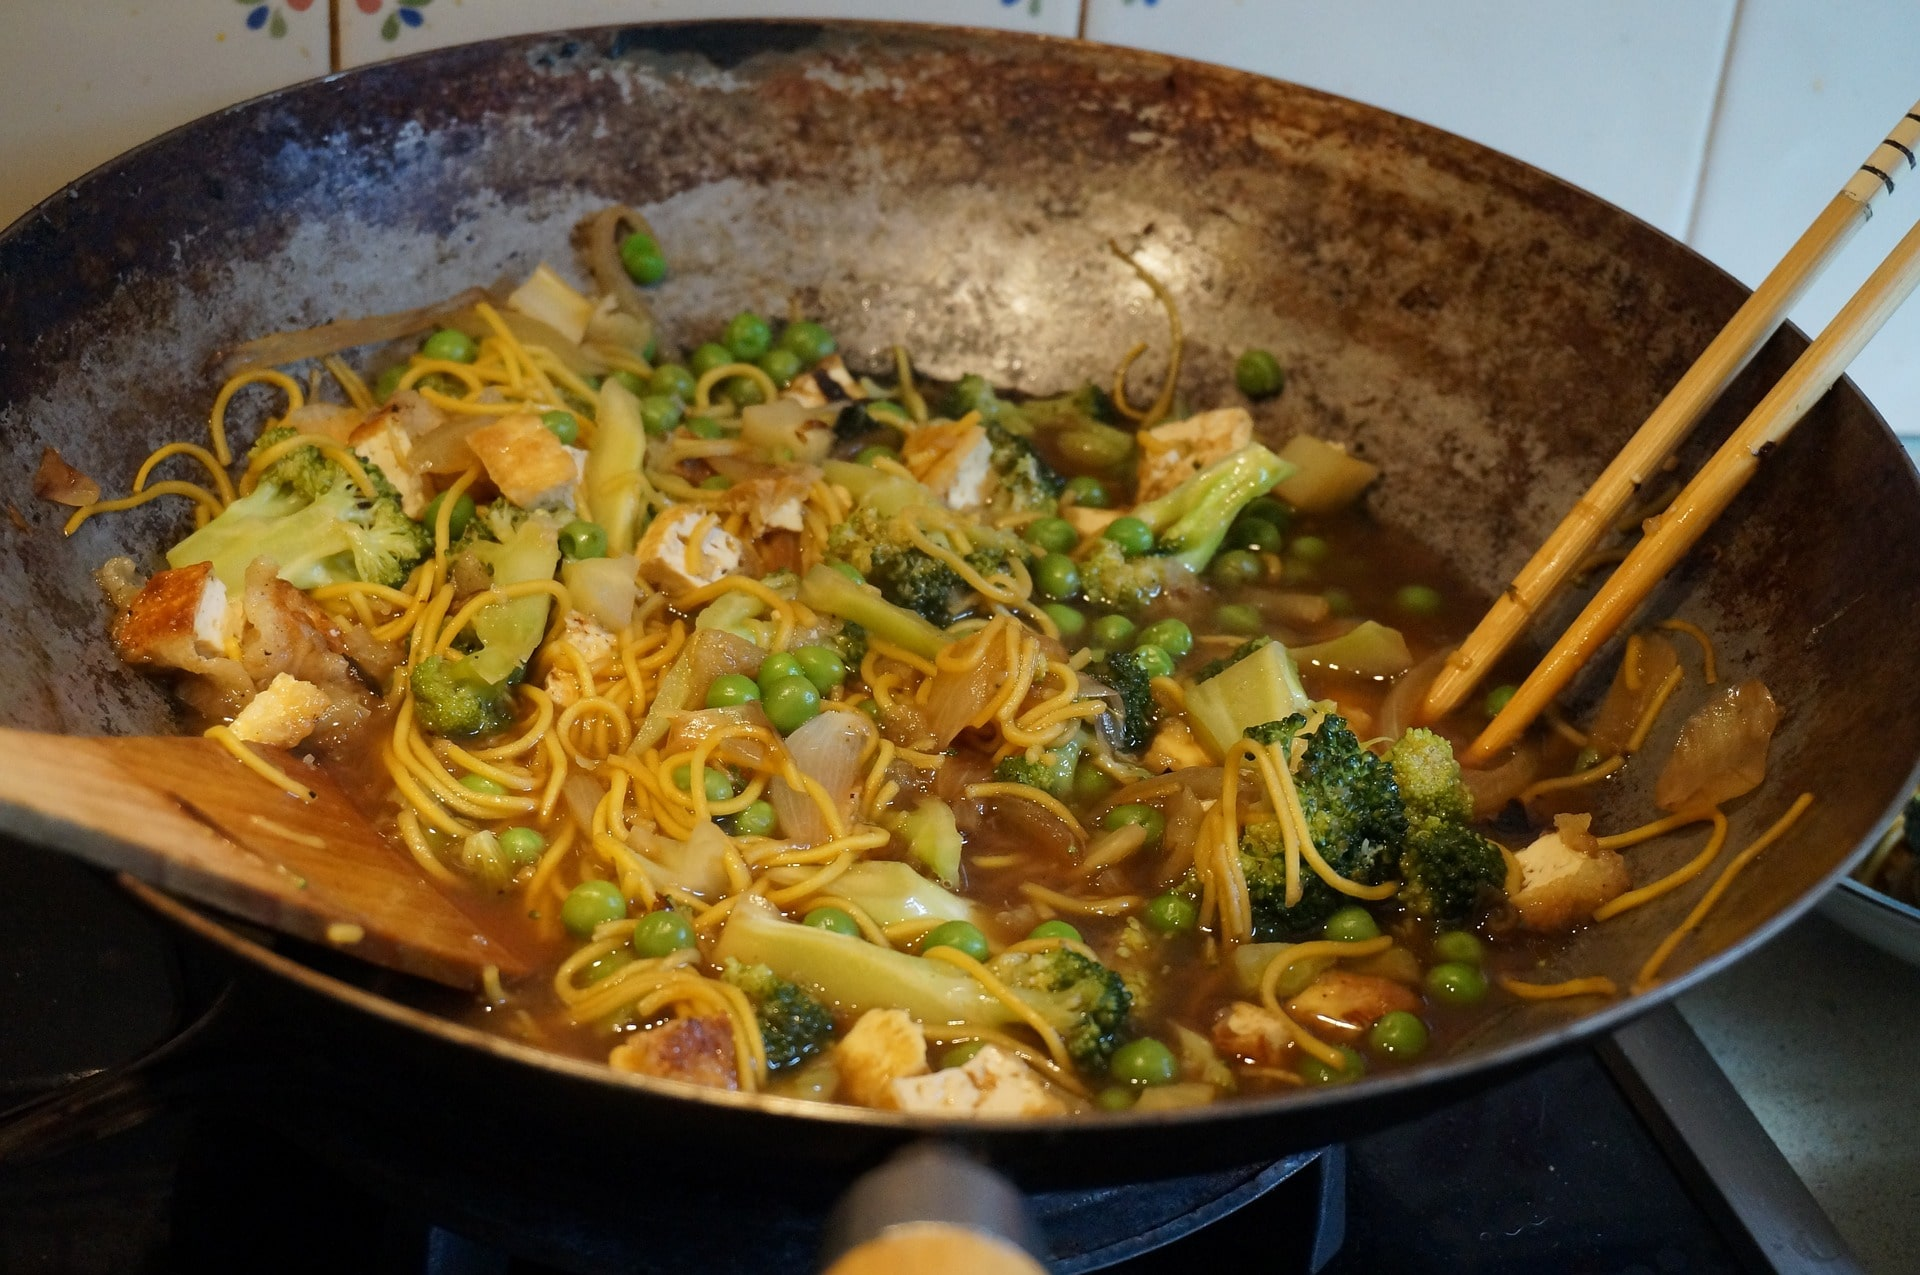 cast iron pan cooking, cast iron pan benefits